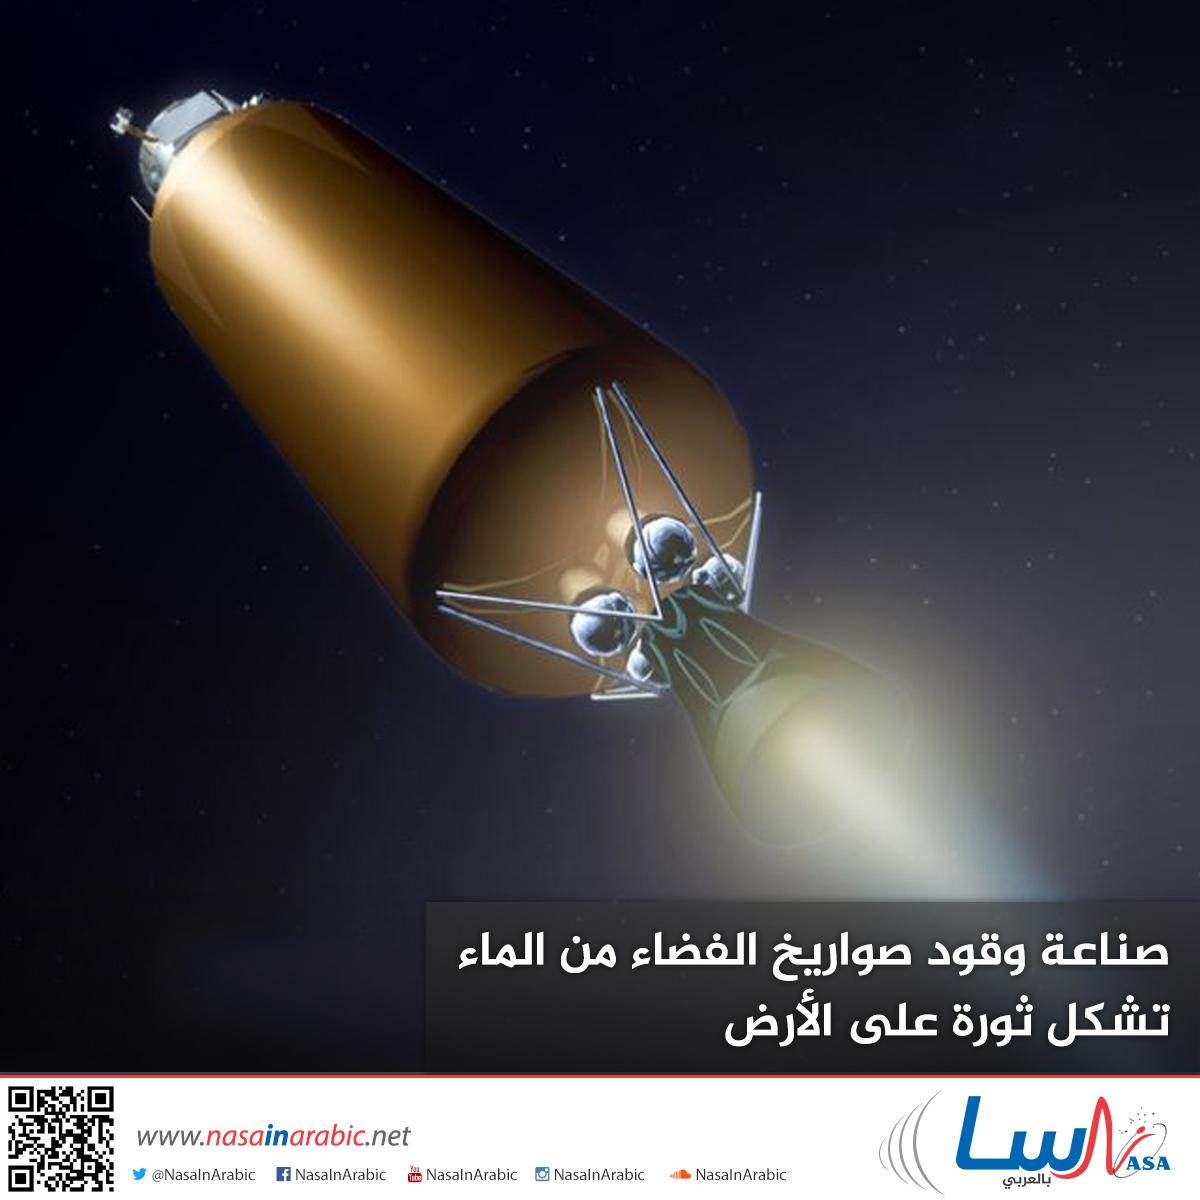 ﺻﻨﺎﻋﺔ ﻭﻗﻮﺩ صواريخ الفضاء ﻣﻦ ﺍﻟﻤﺎﺀ  تشكل ثورة ﻋﻠﻰ ﺍﻷﺭﺽ